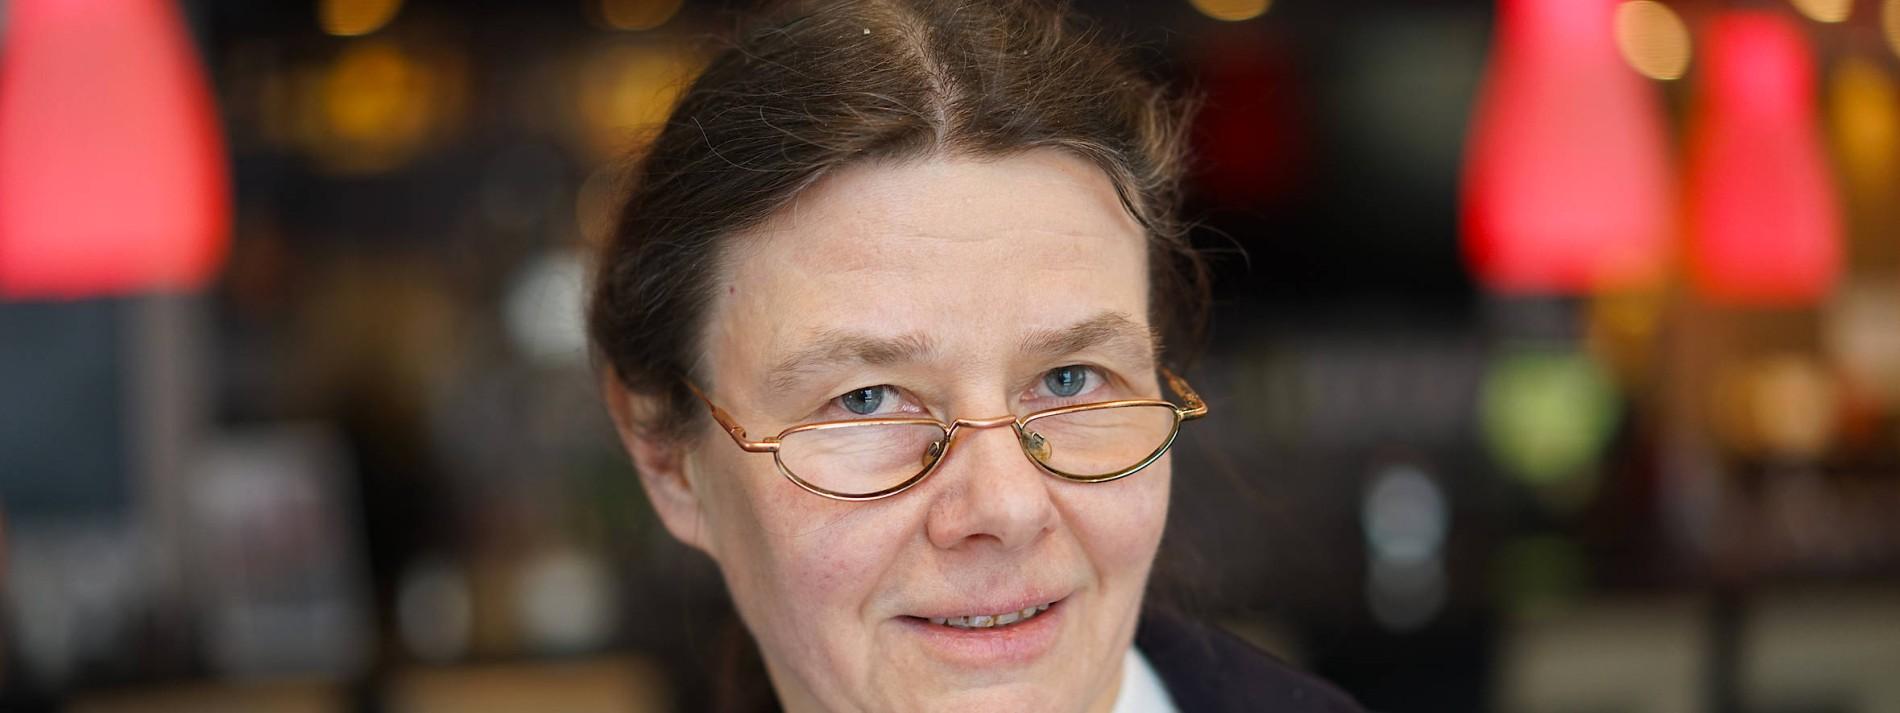 Bodenständige Anwältin mit Faible für Tom Wolfe